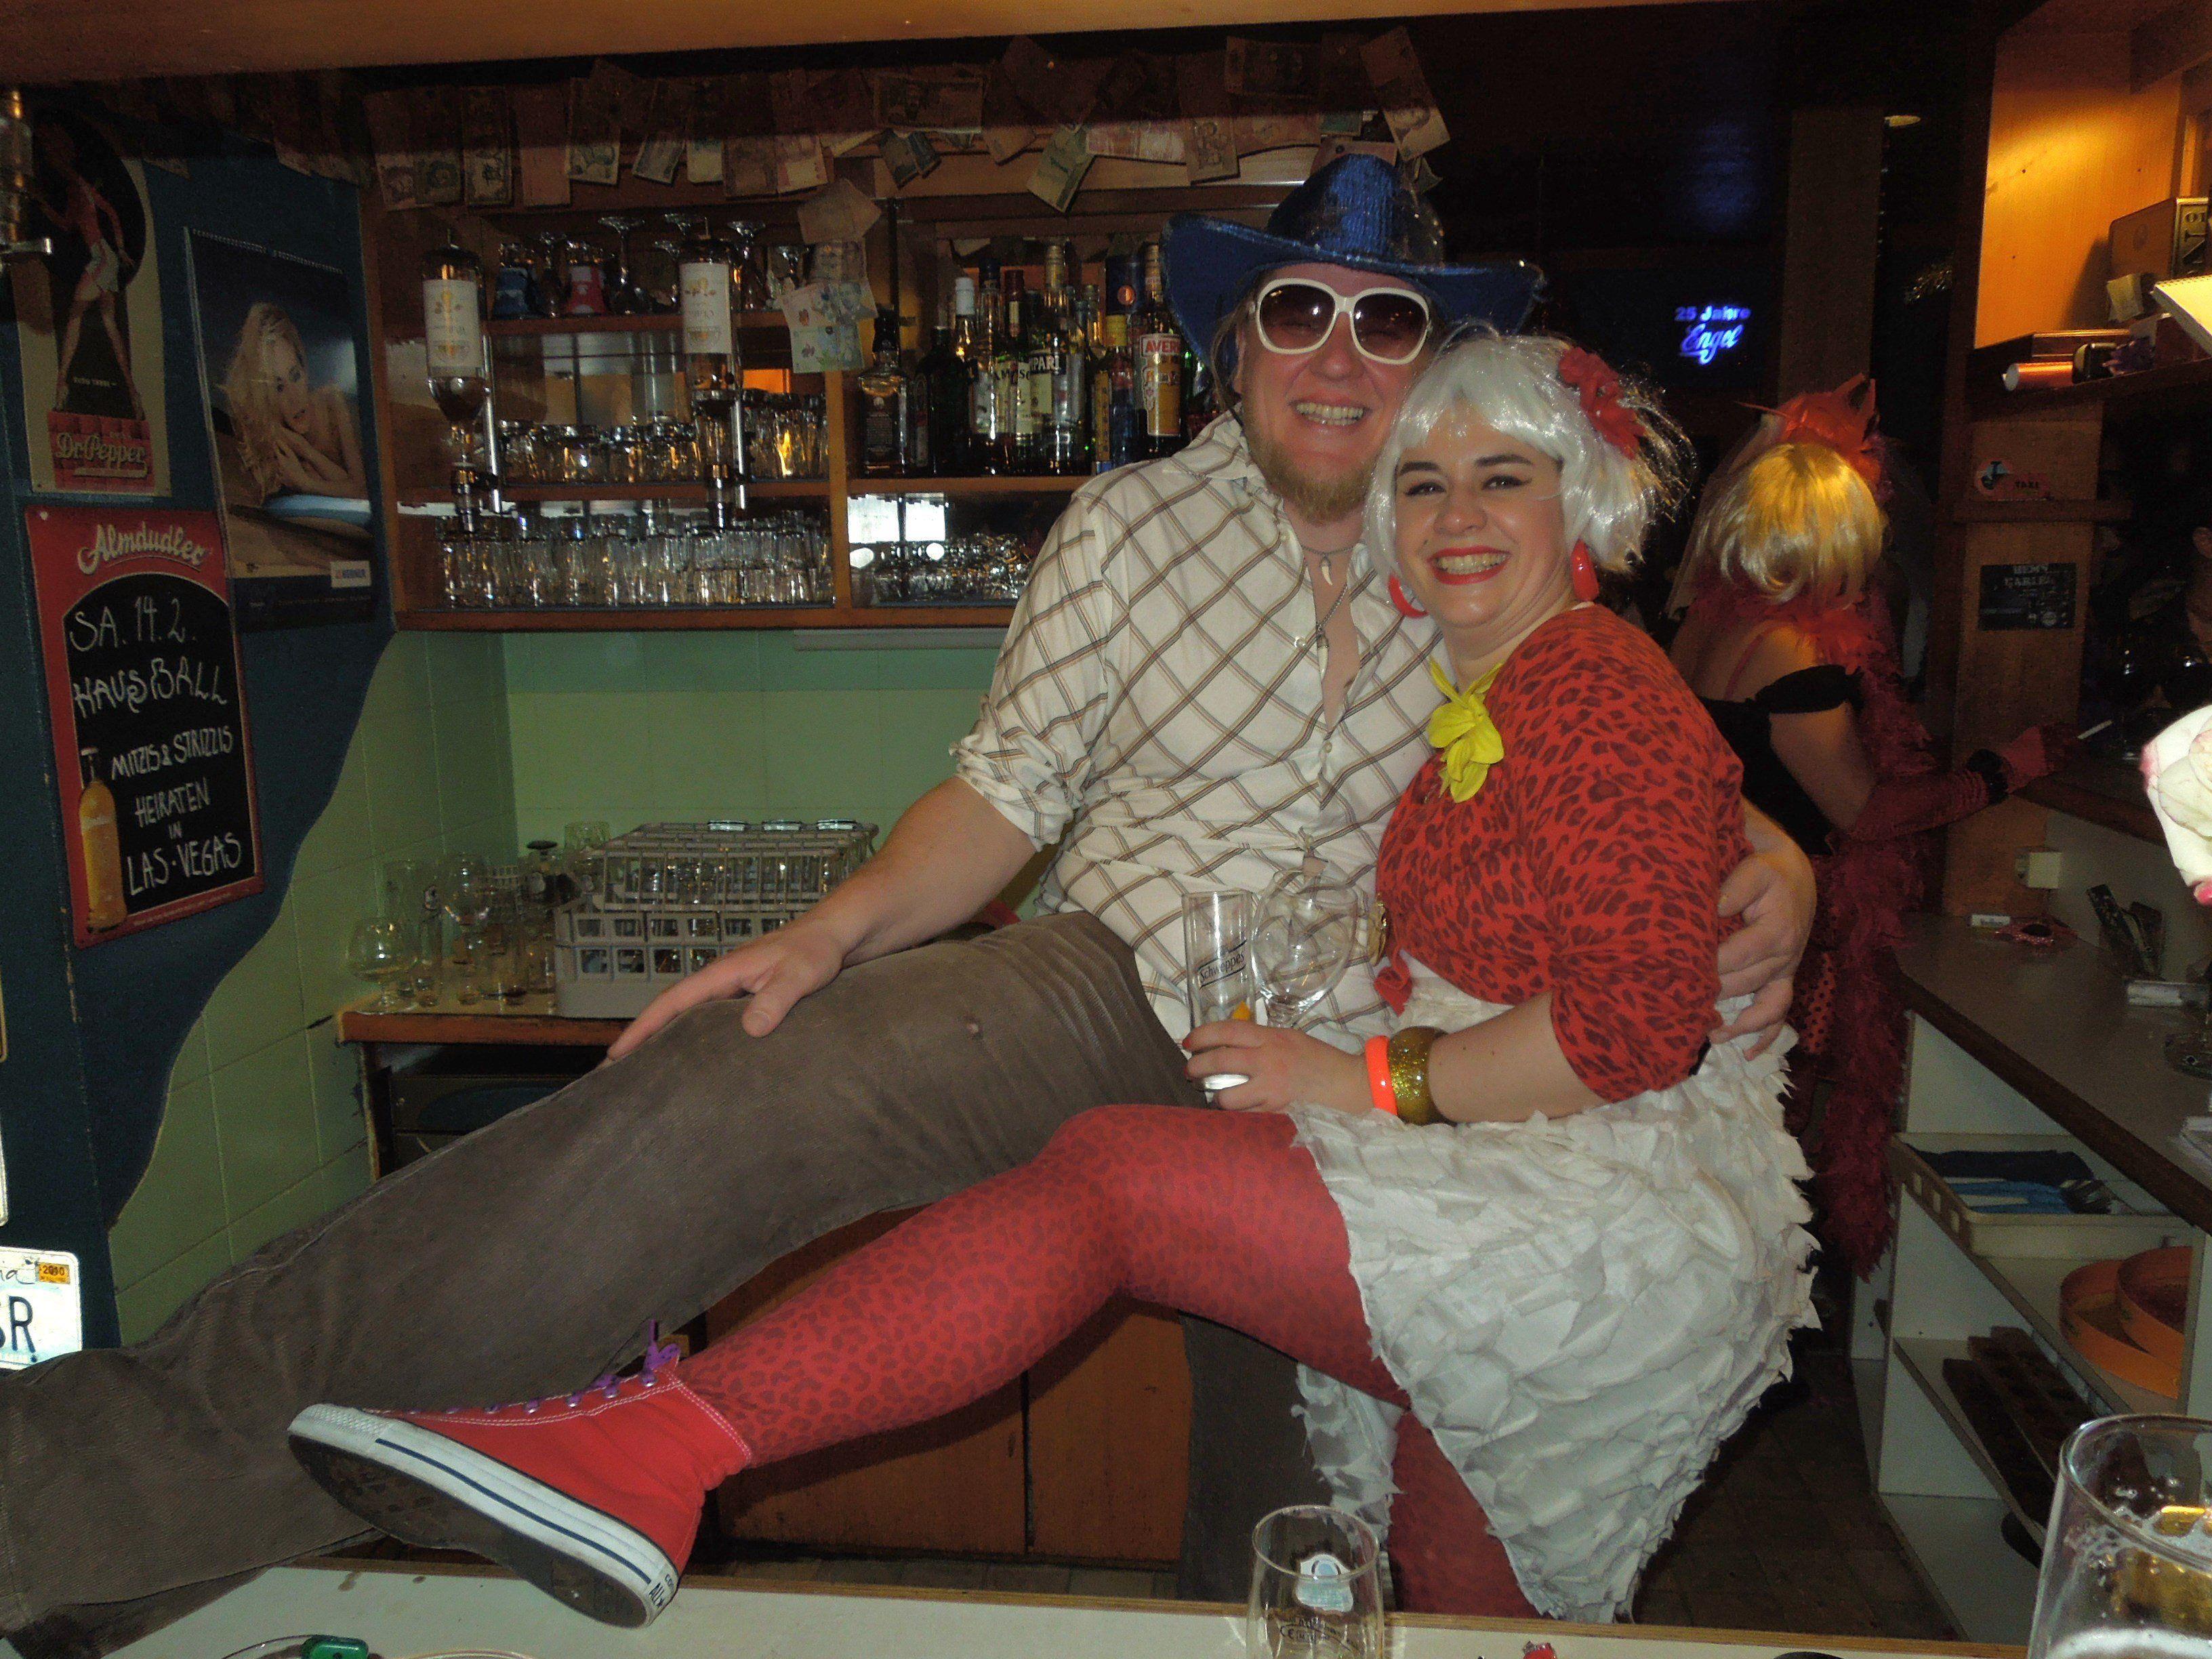 Echte Asse, wenn es ums Feiern geht - das Engel-Paar Heidi und Tom.